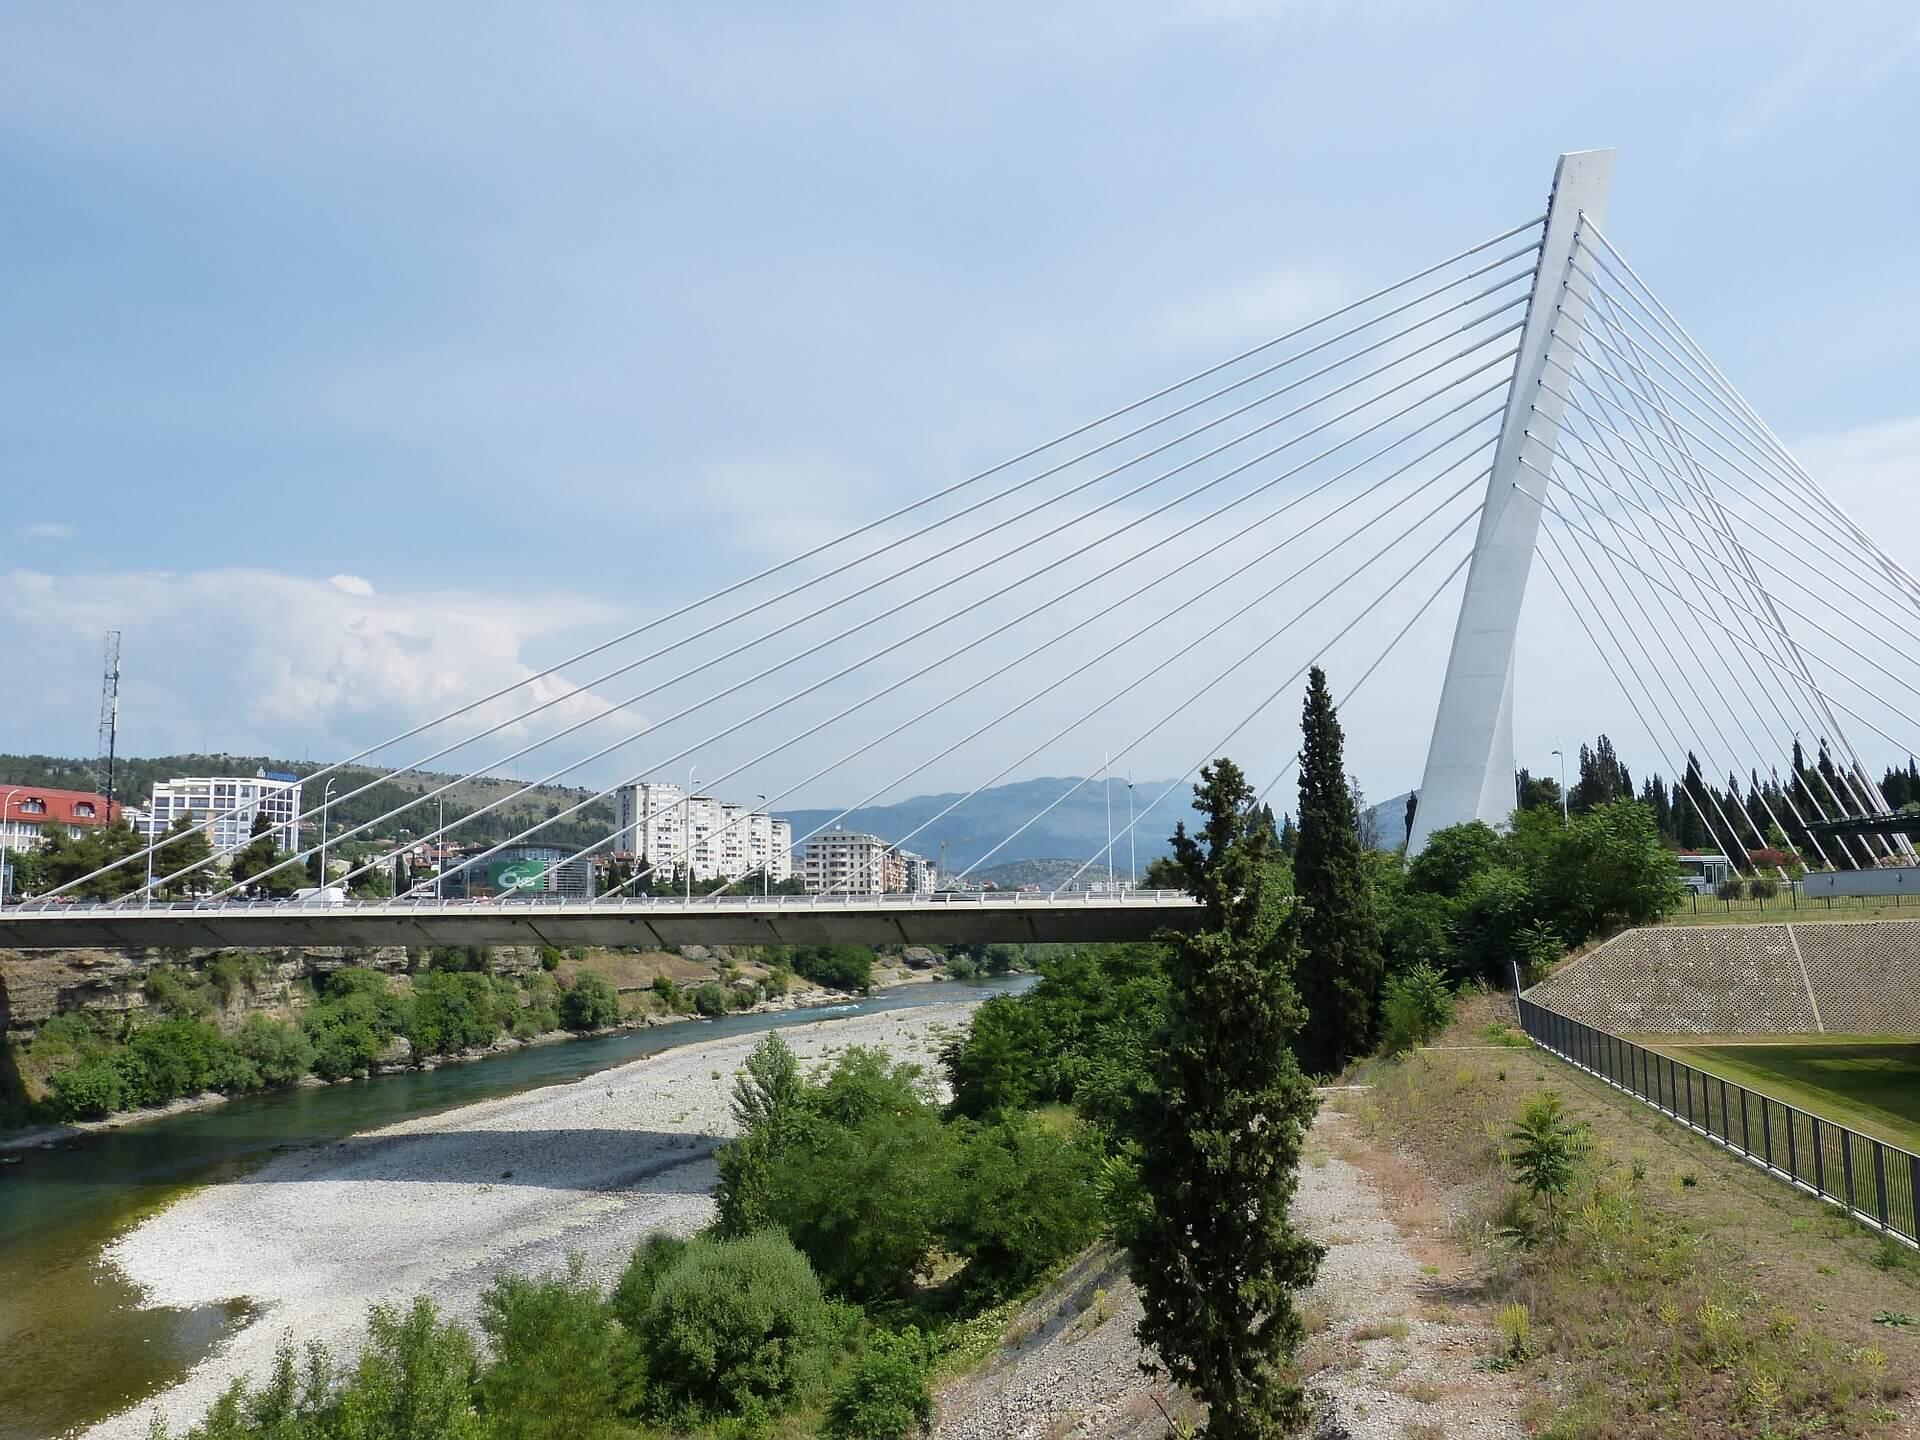 Direktflüge und Billigflüge nach Montenegro